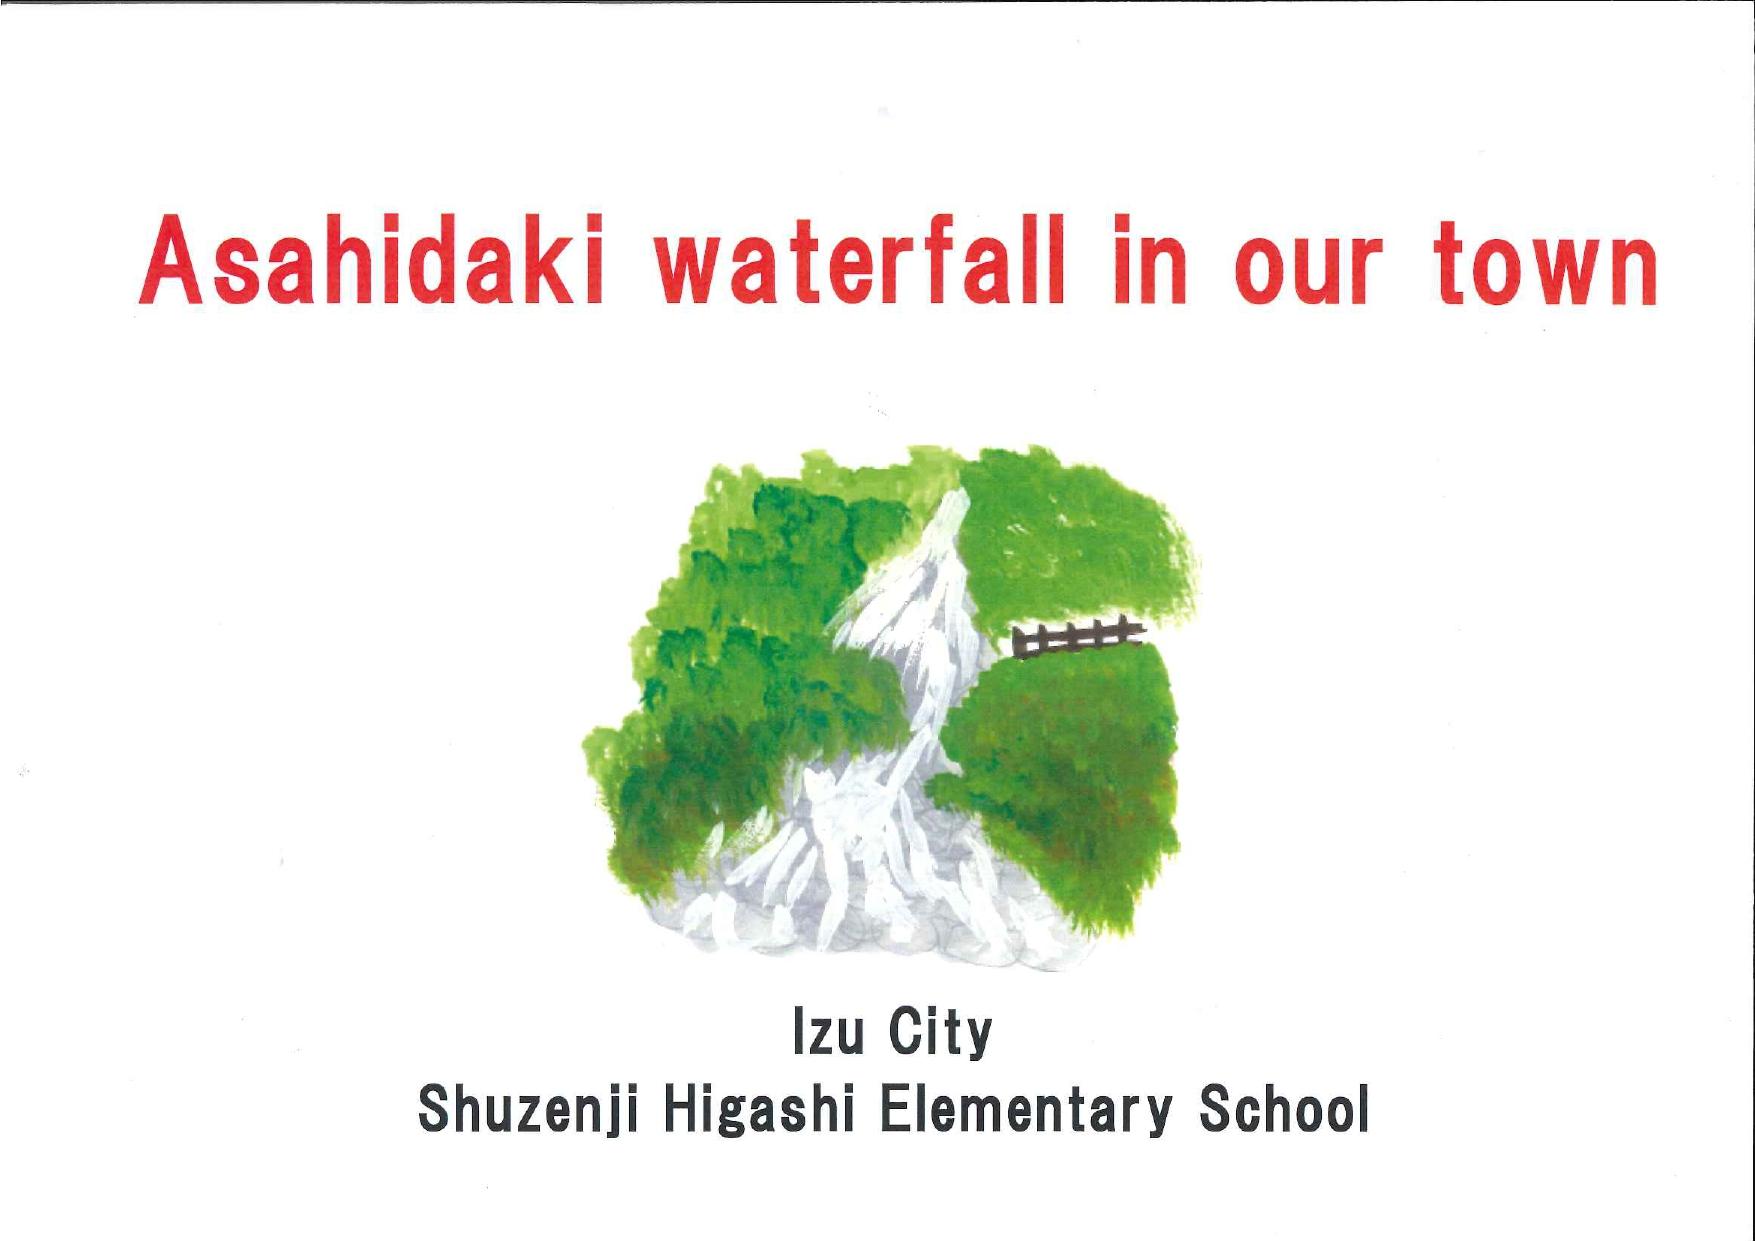 Asahidaki Waterfall in our town